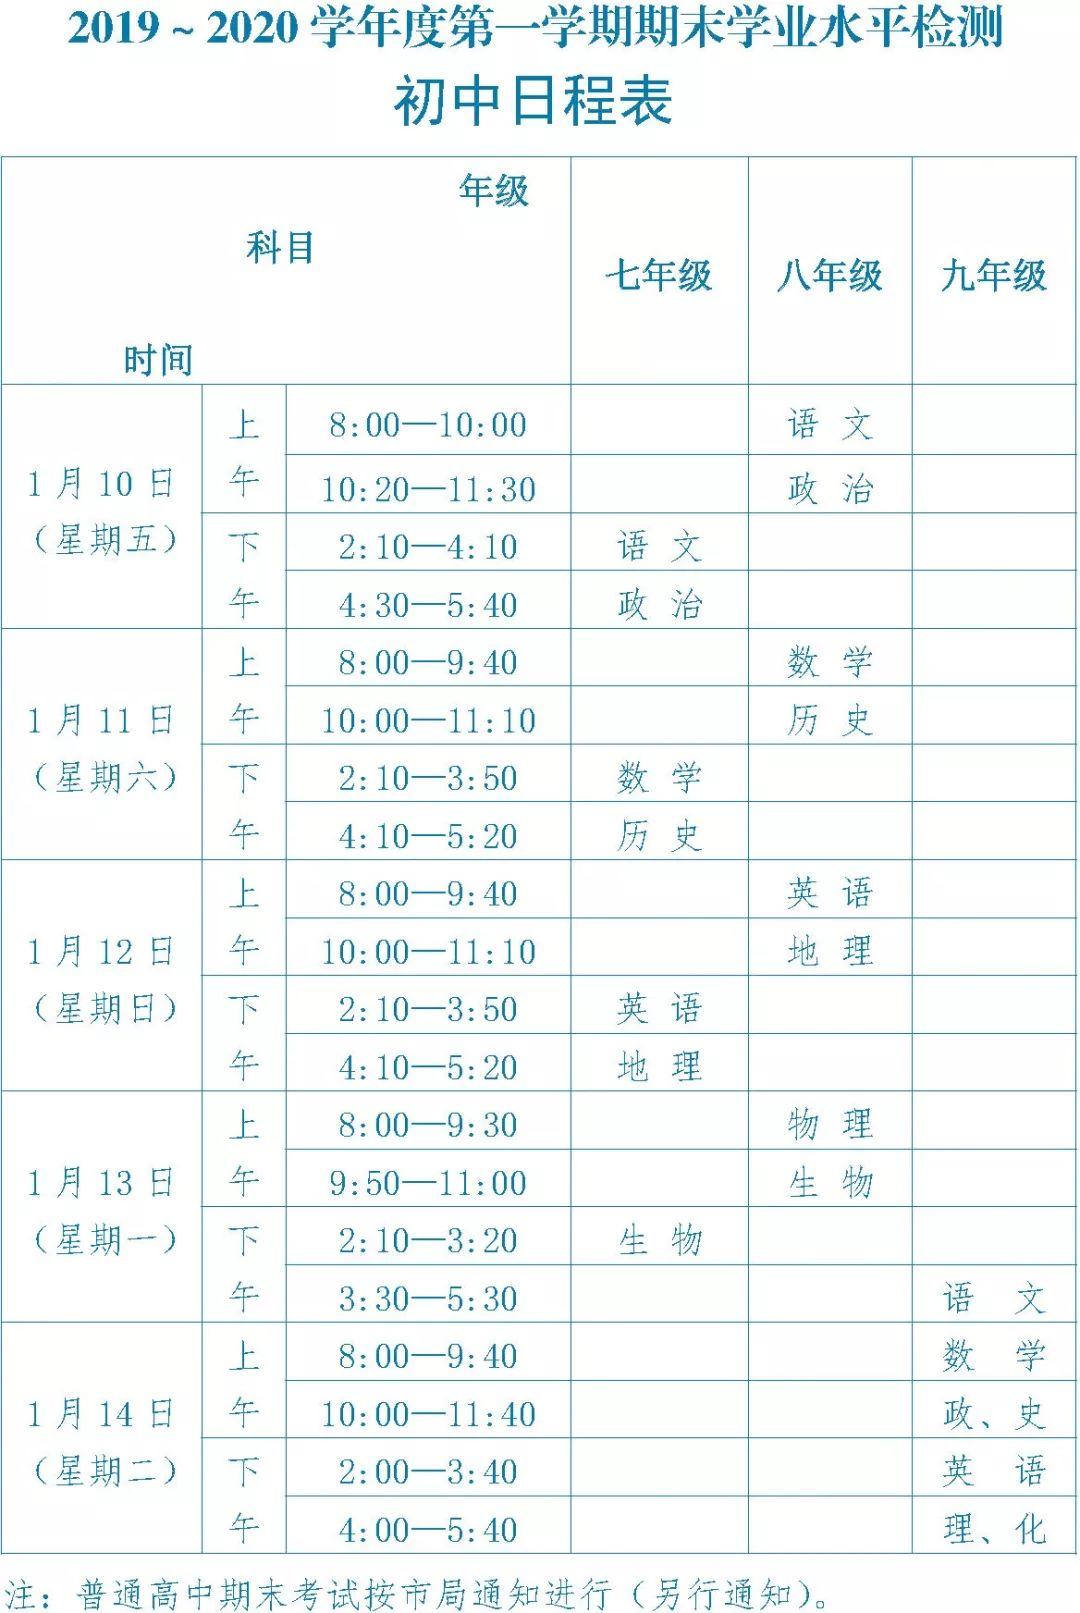 ����^中小�W期末考��r�g定了!(附考�日程表)